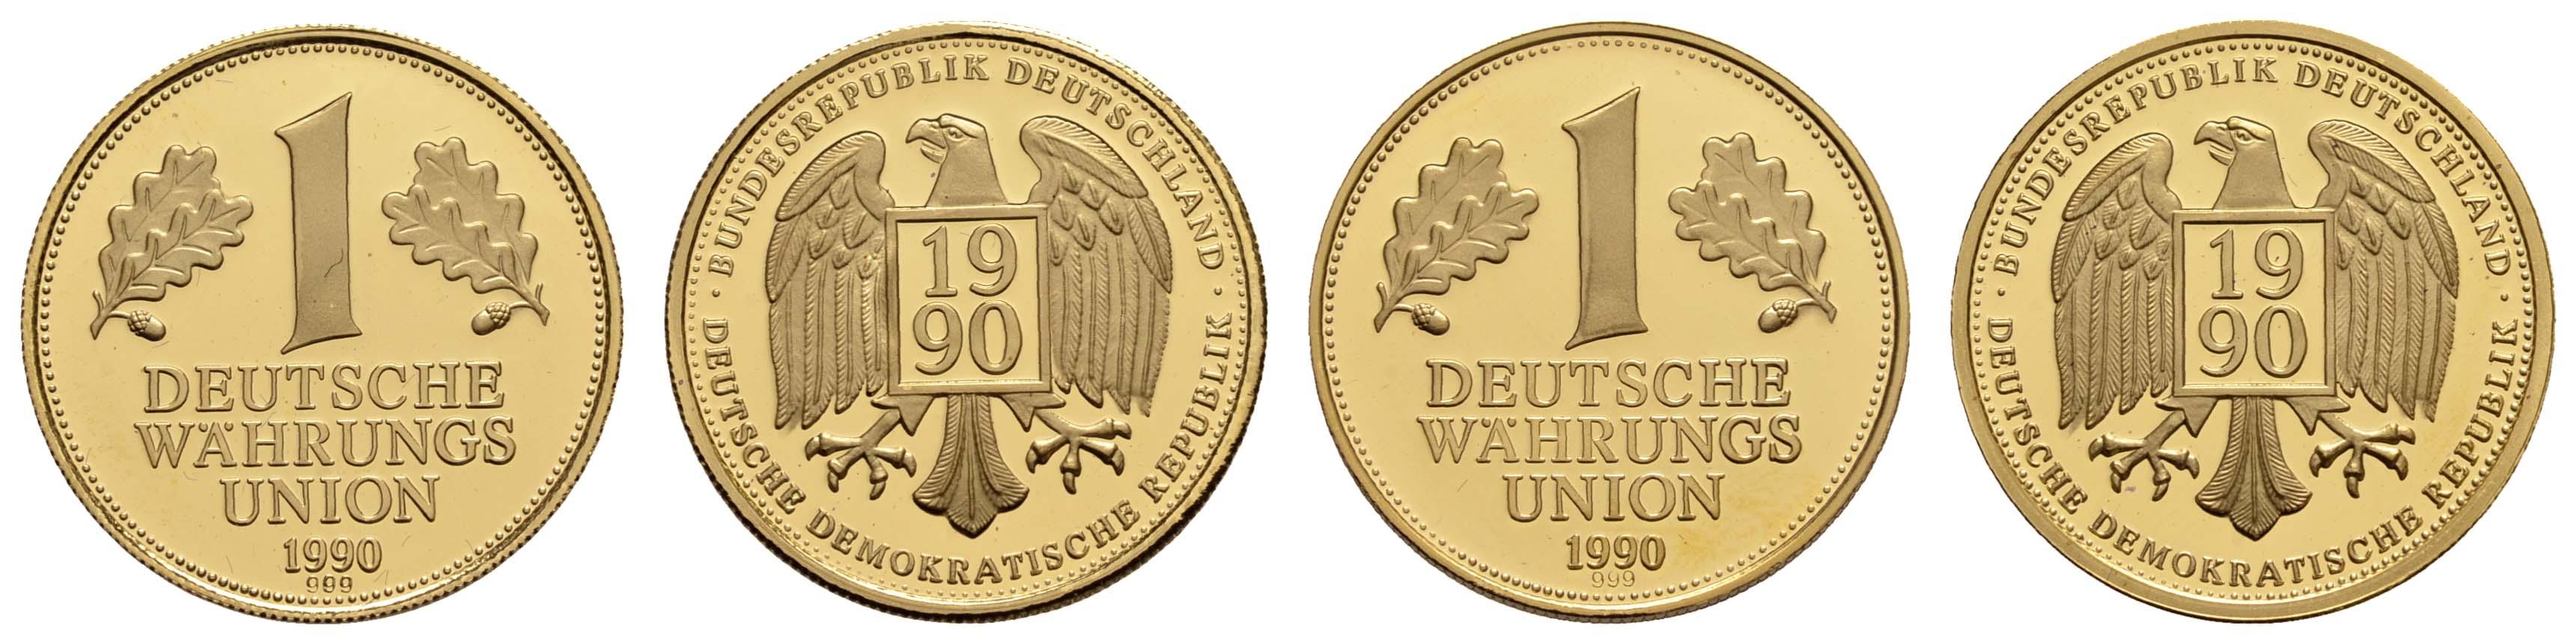 Lot 2184 - medaillen Gold-, Platin- und Palladiummedaillen - Deutschland -  Auktionshaus Ulrich Felzmann GmbH & Co. KG Coins single lots